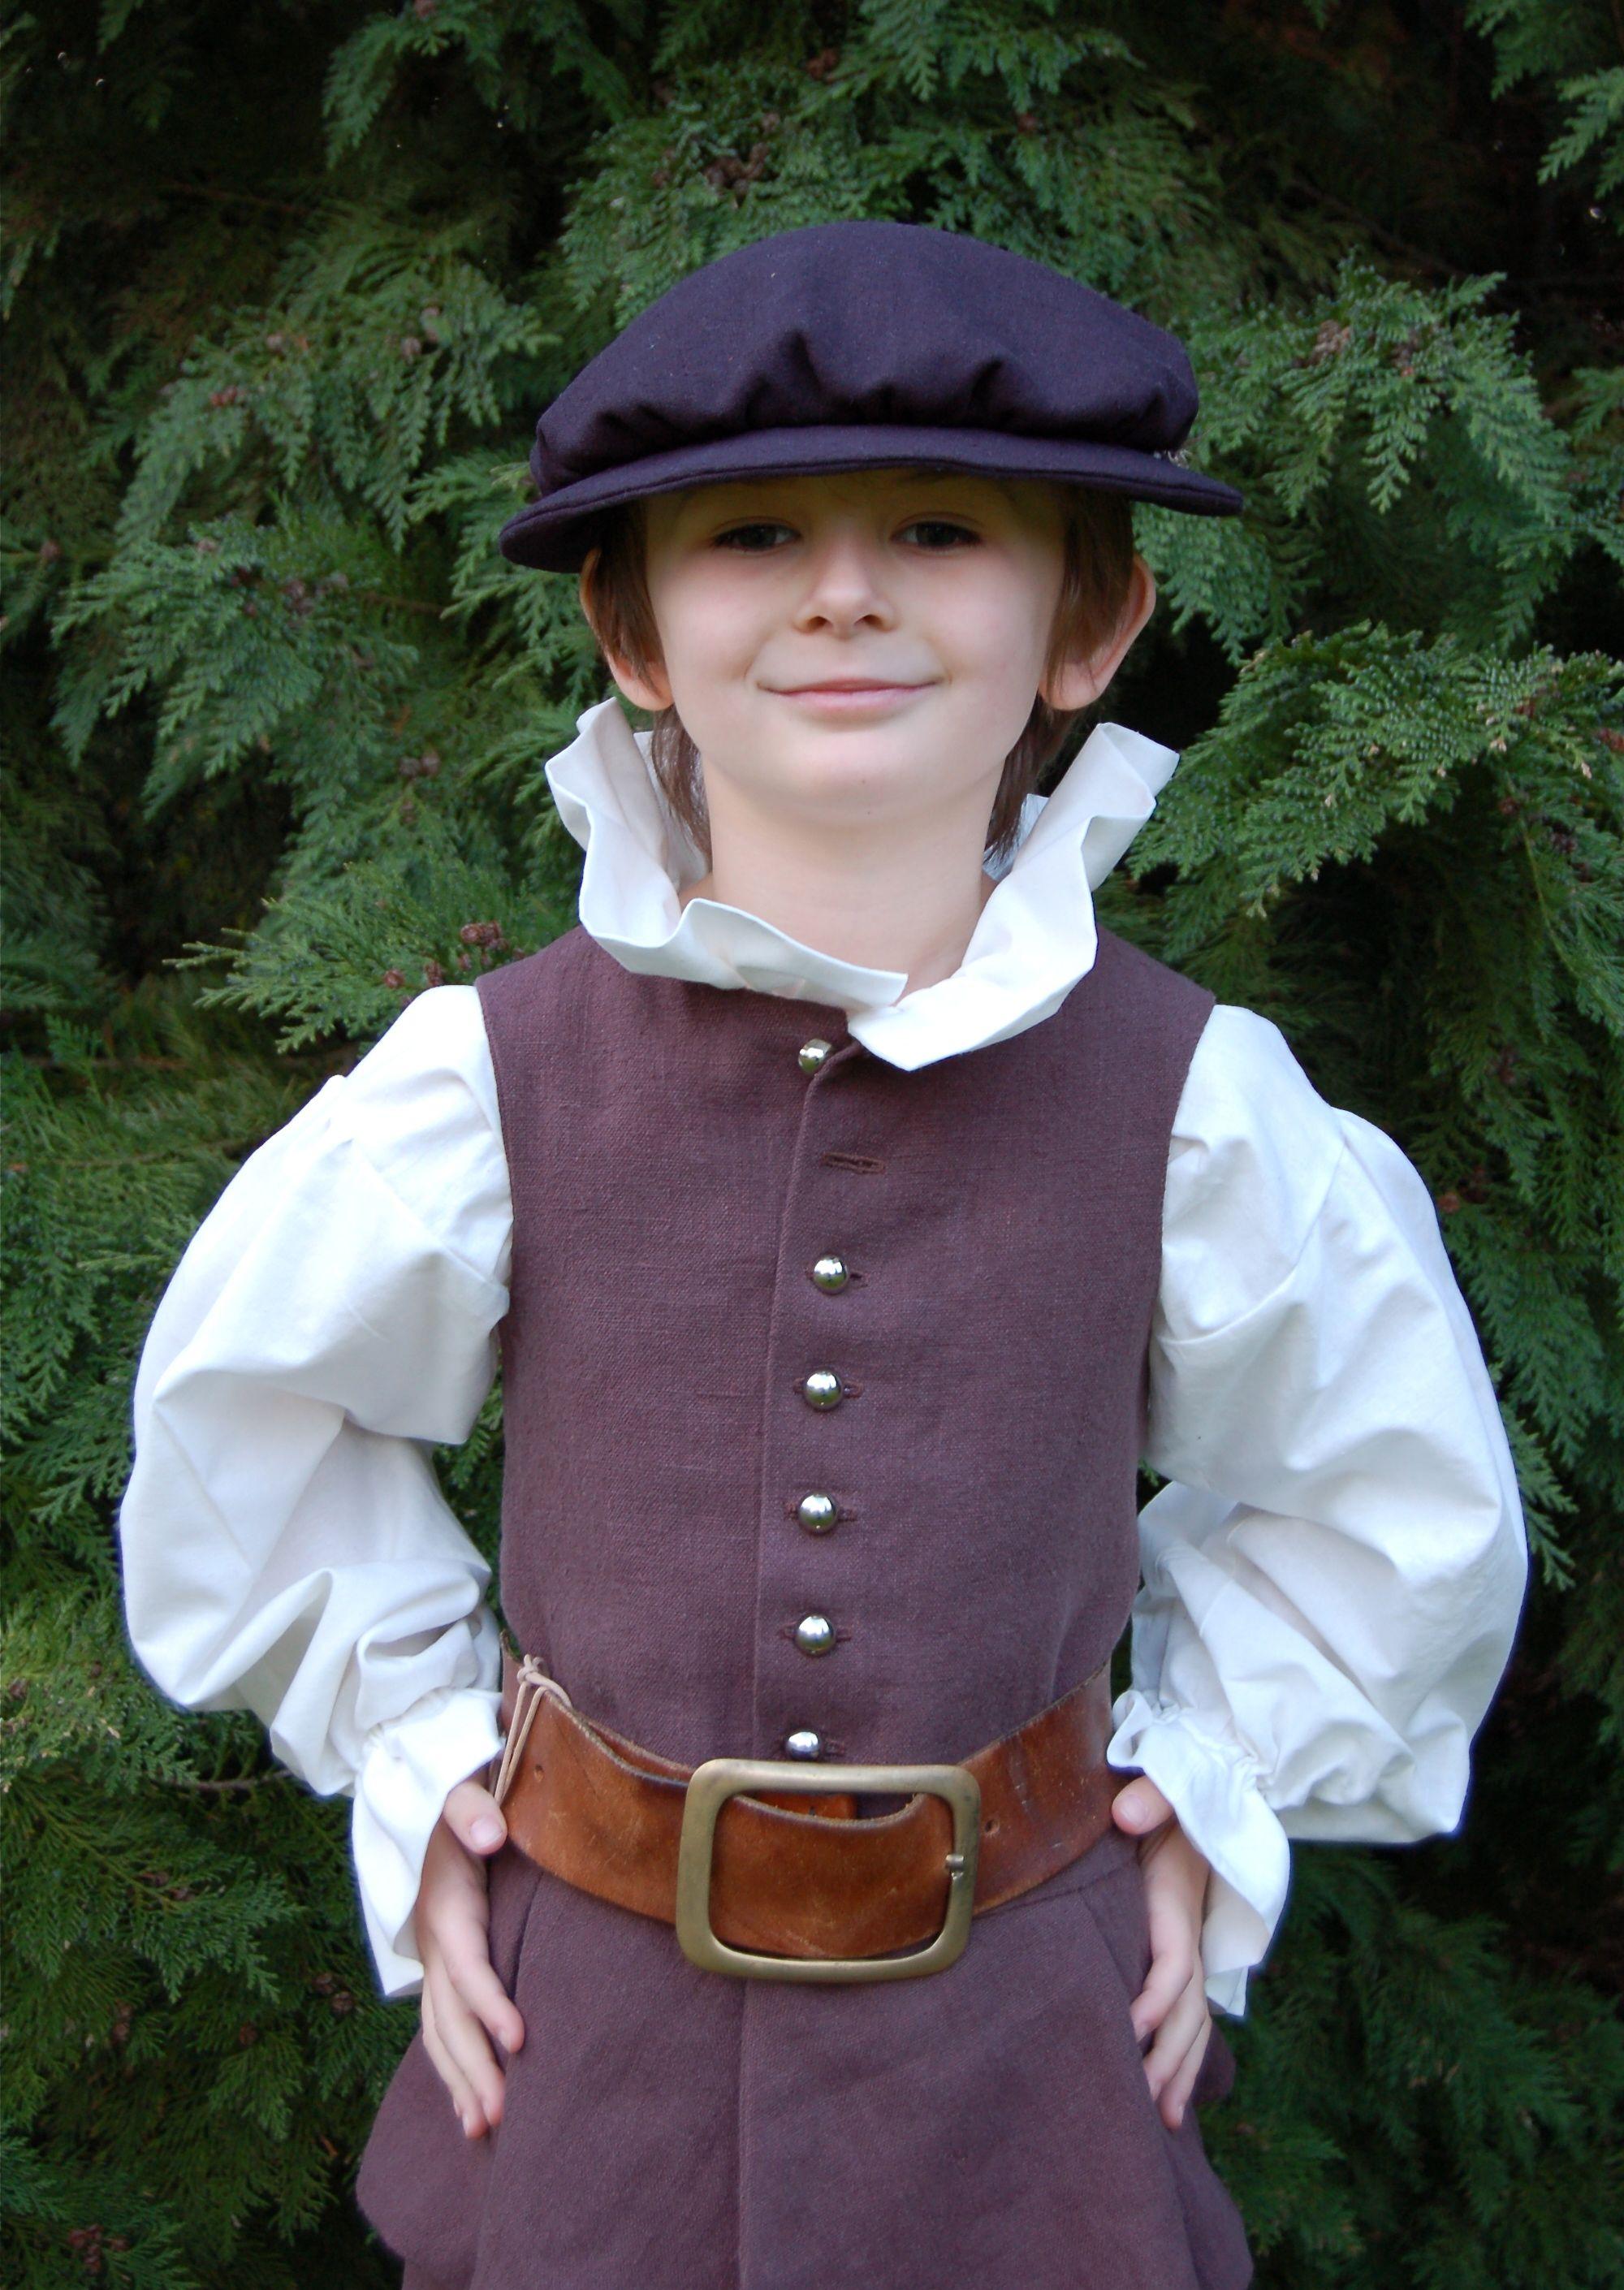 Tudor Boy\u2026 | Tudor